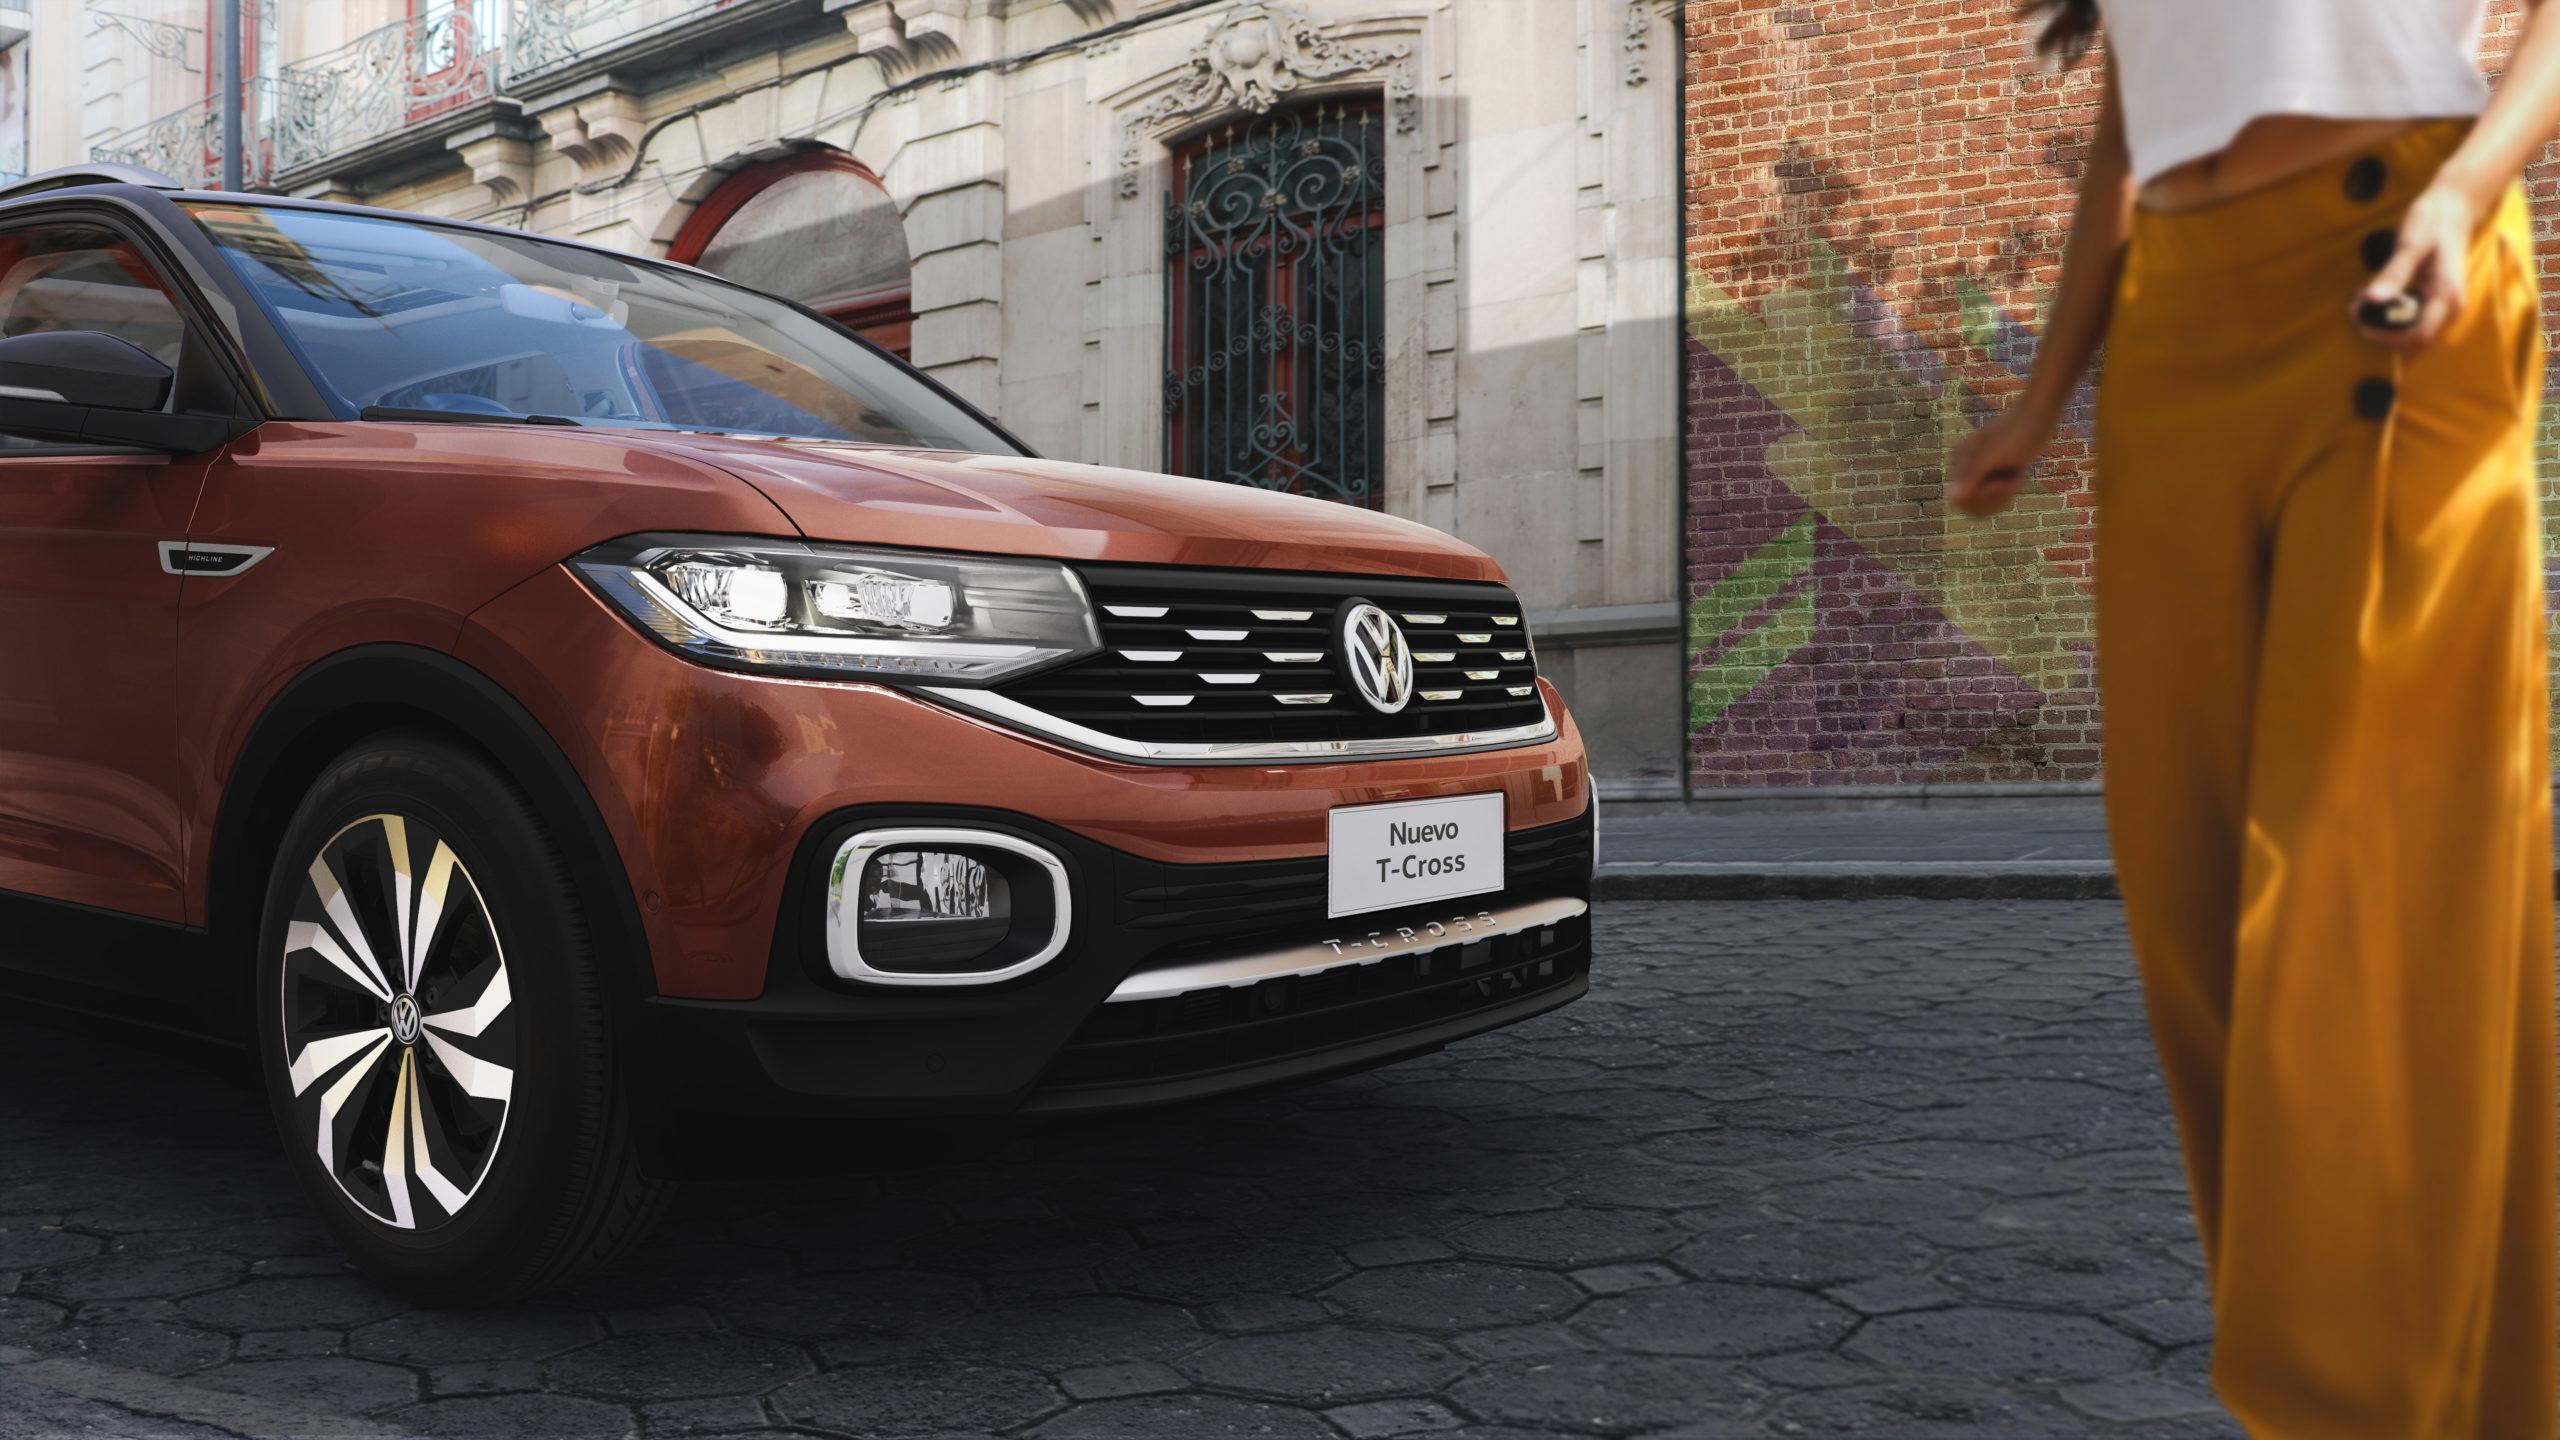 Volkswagen llama a revisión a camionetas T-Cross 2020